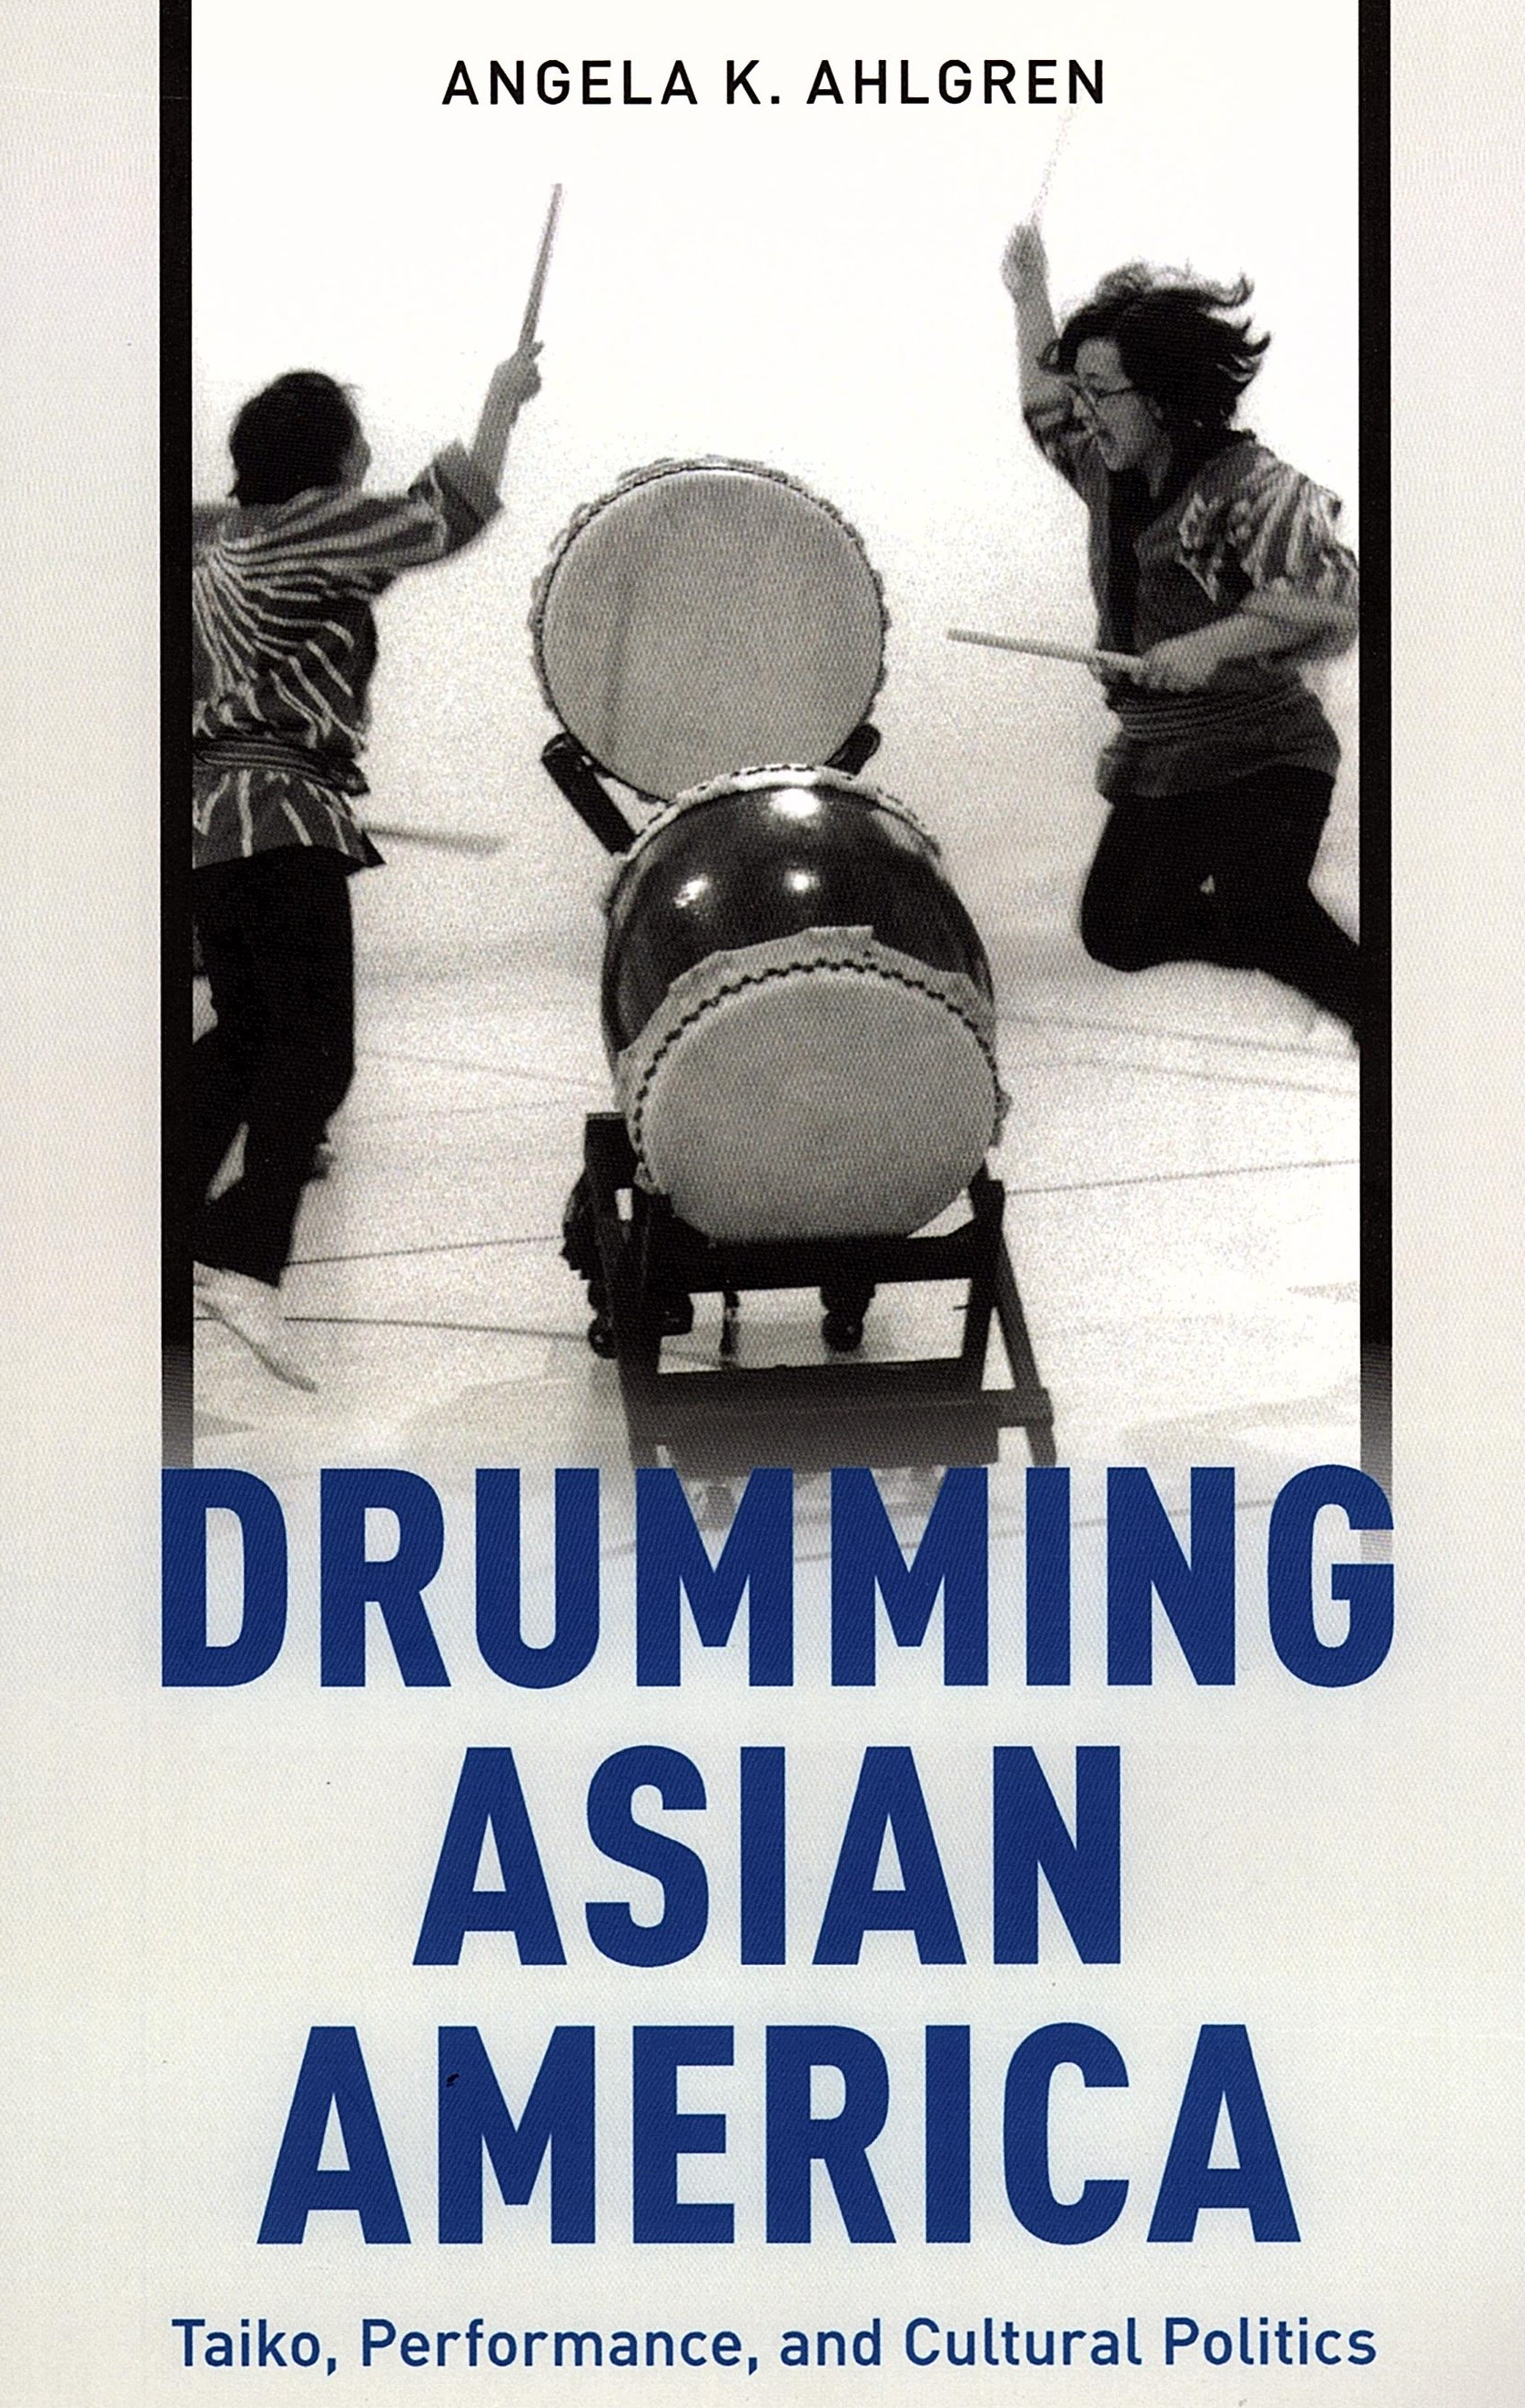 AHLGREN book cover.jpg